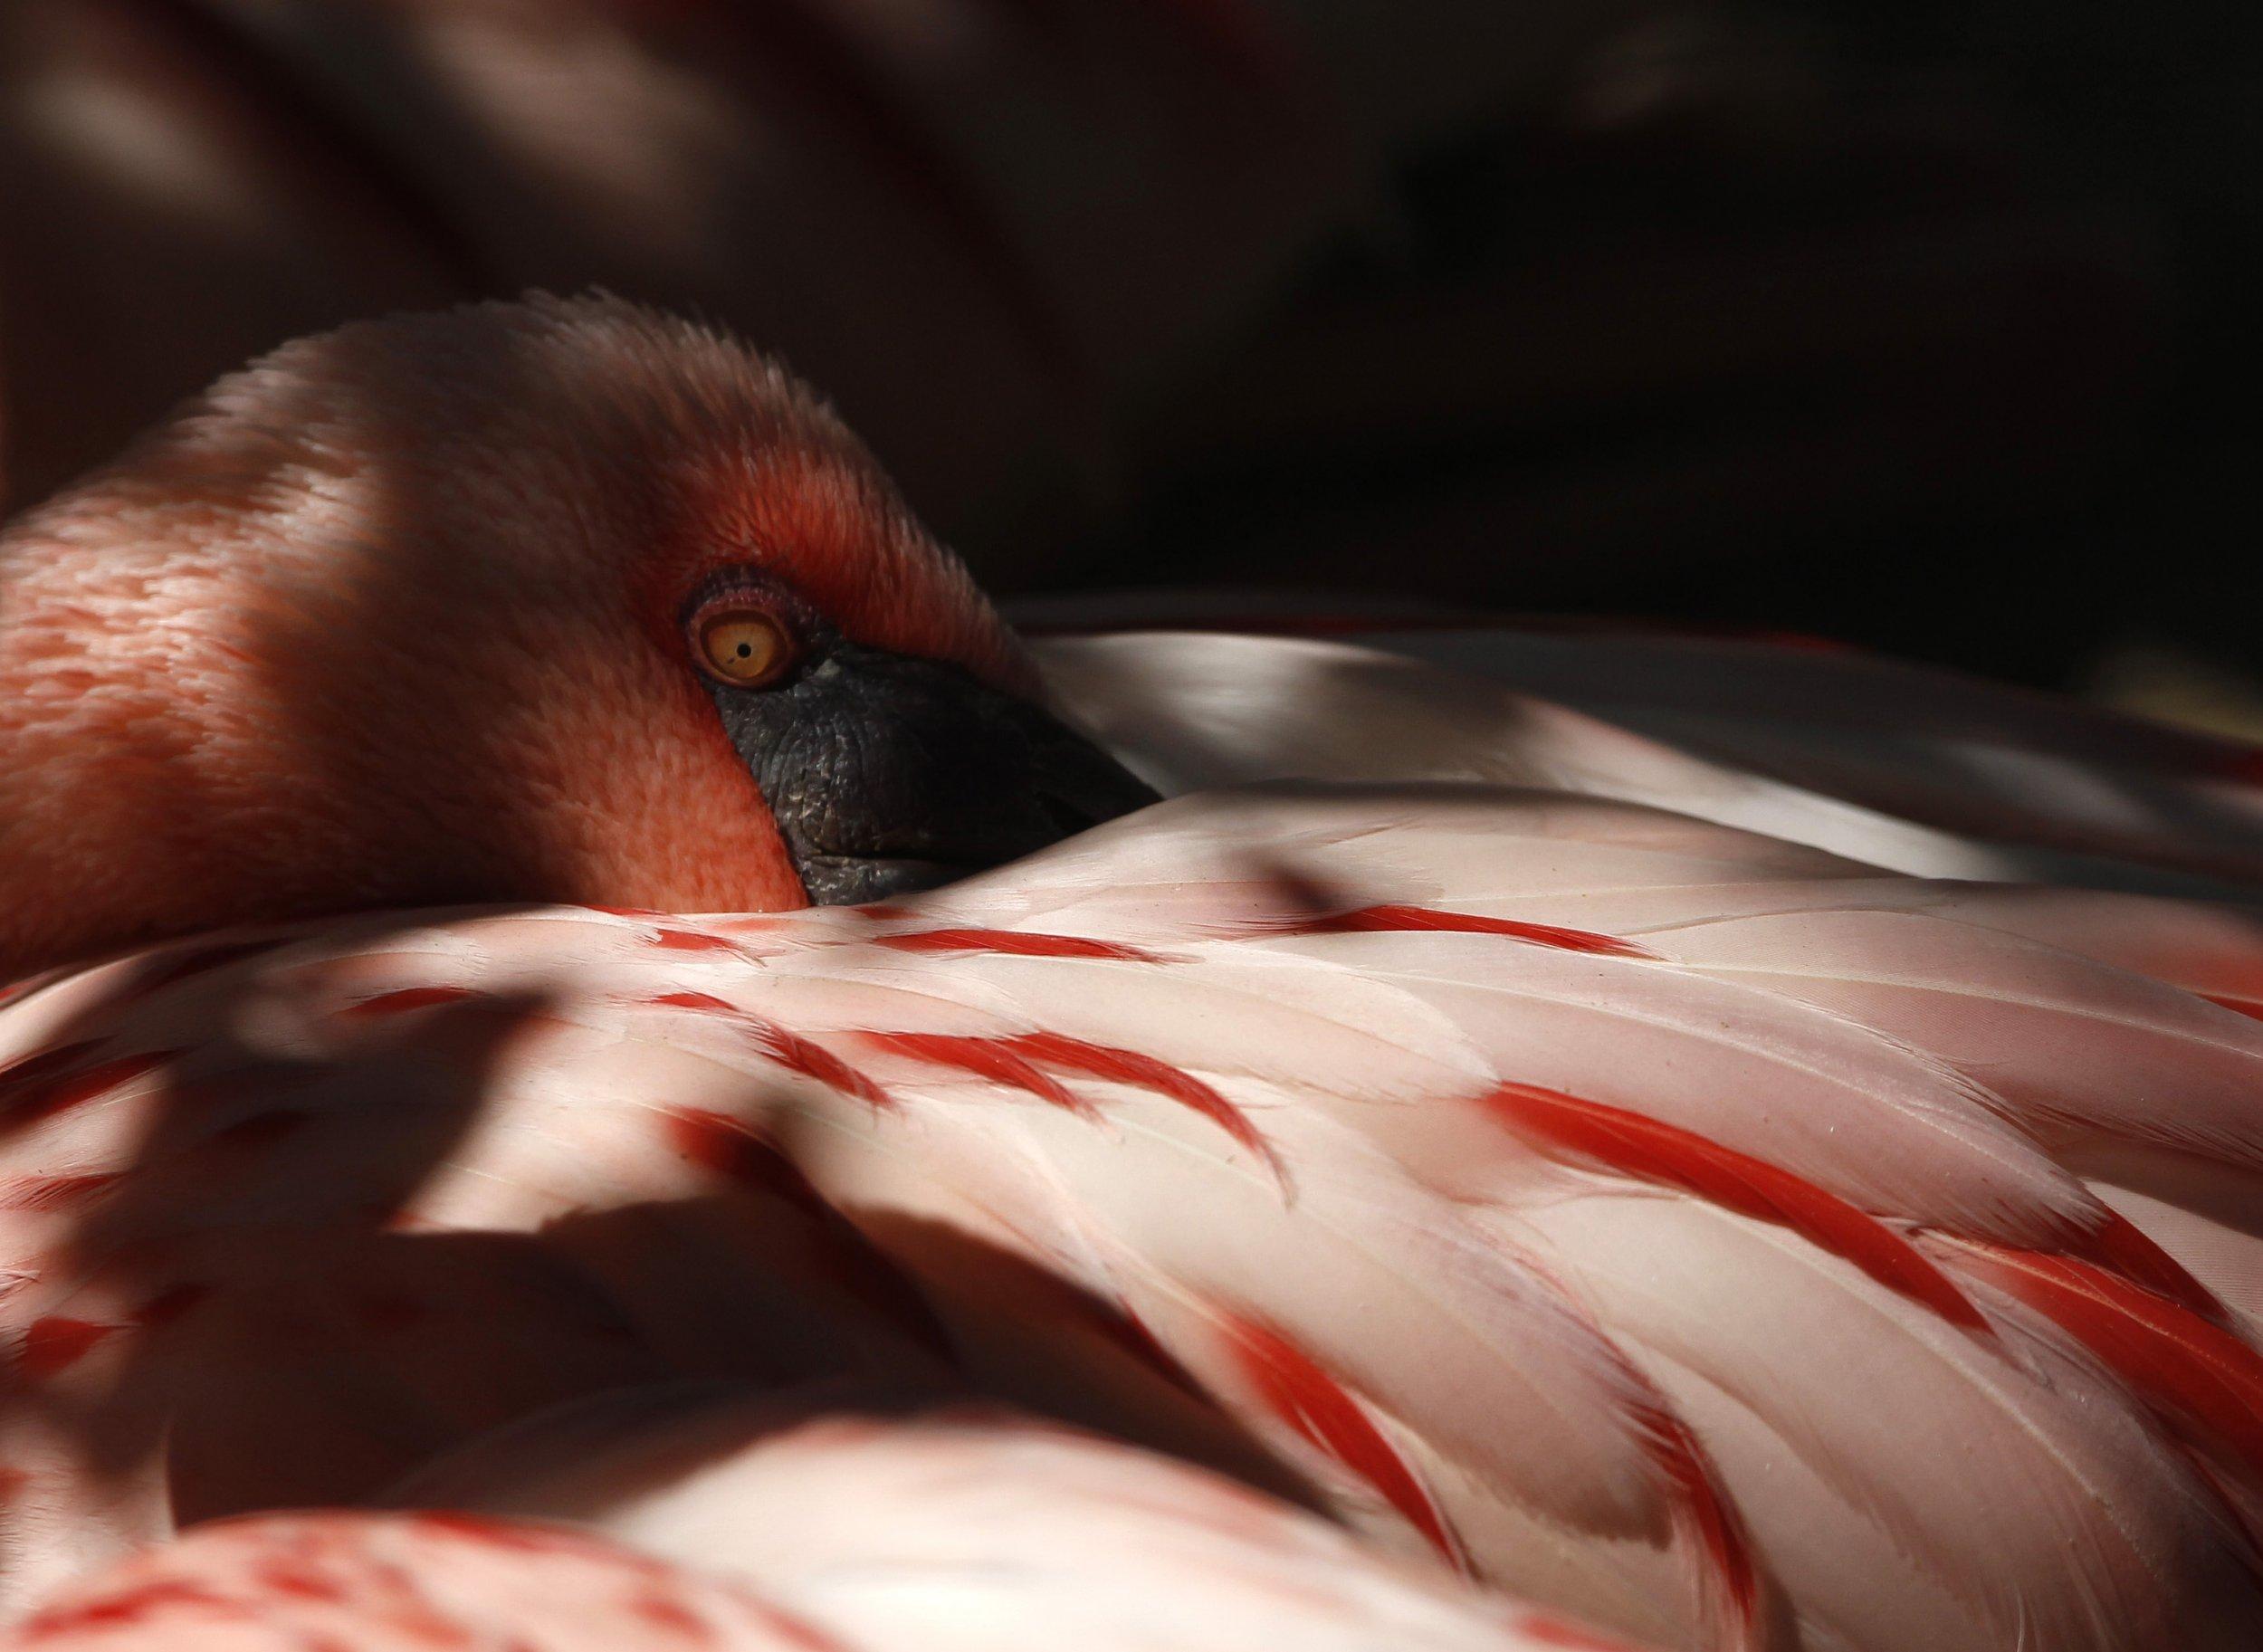 Lesser flamingo in captivity